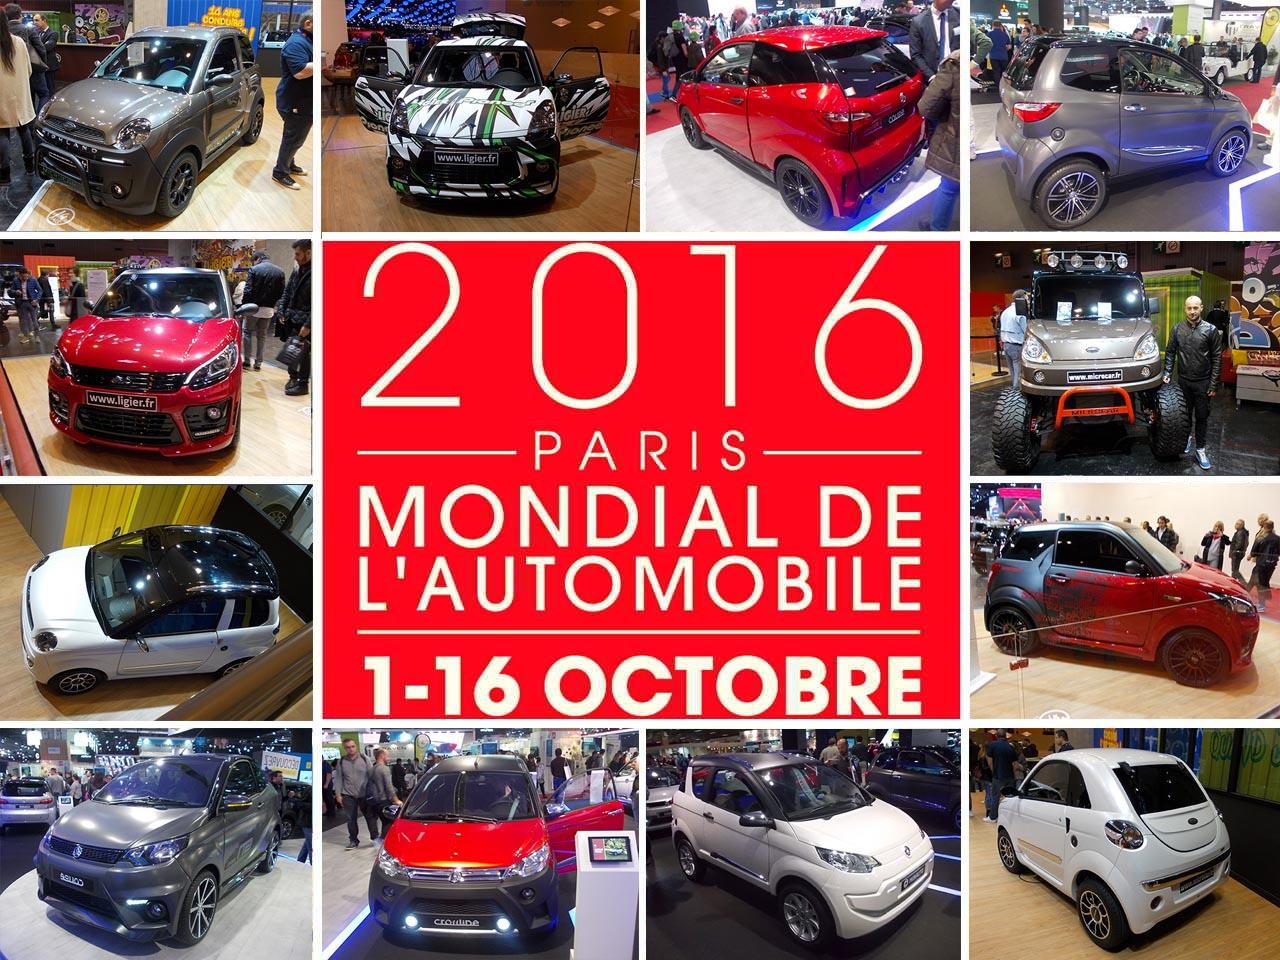 Minicar in scena al Salone dell'Automobile di Parigi